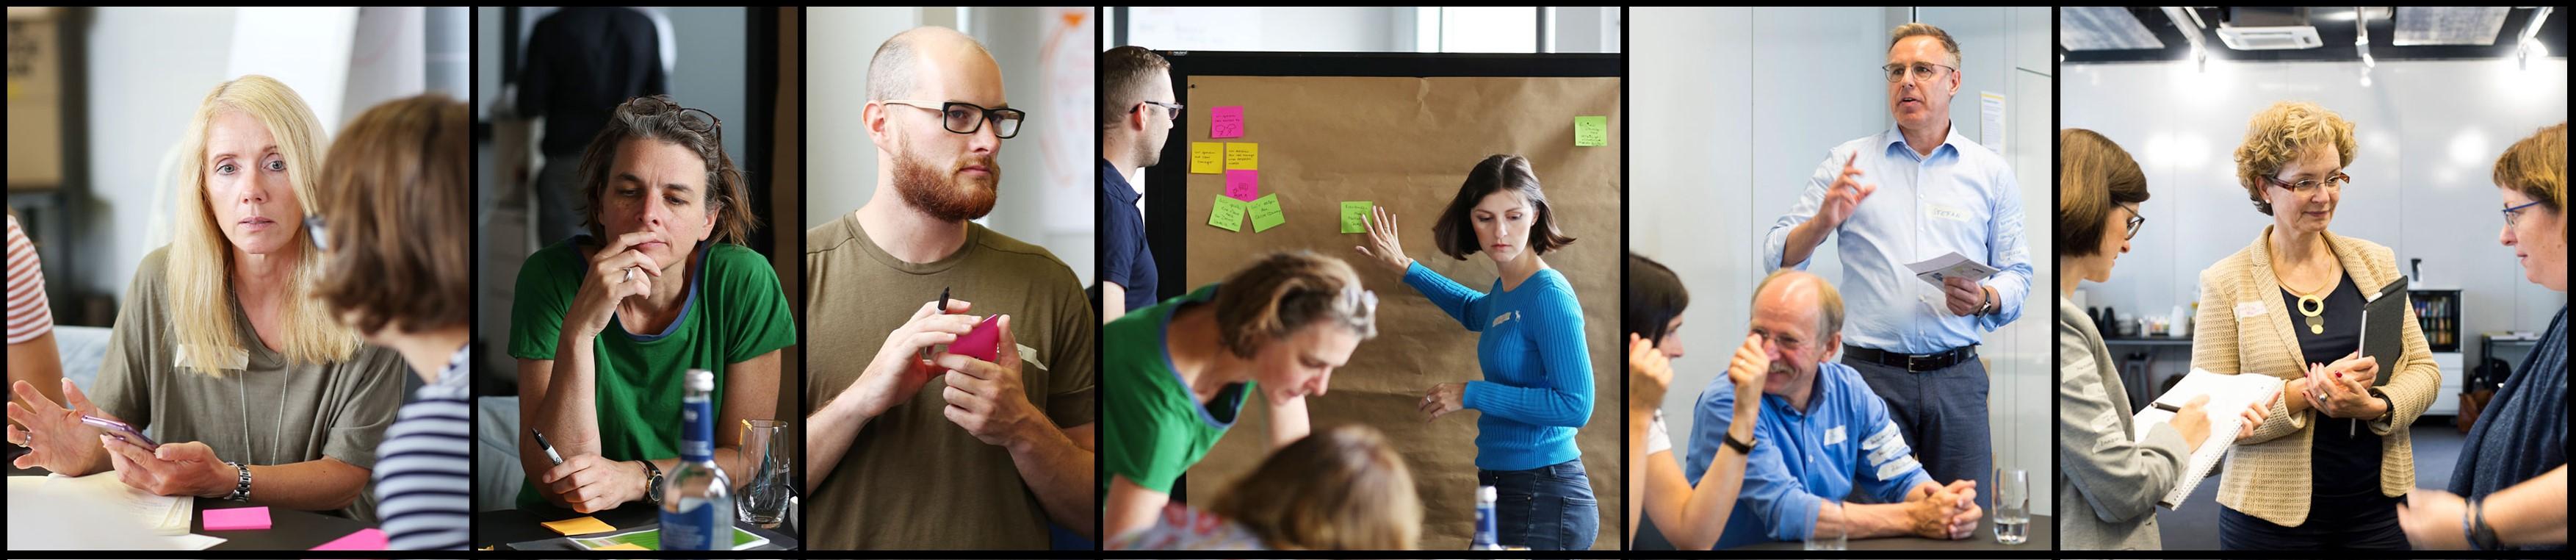 Im Service Design tauschen wir uns methodisch und co-kreativ miteinander aus.